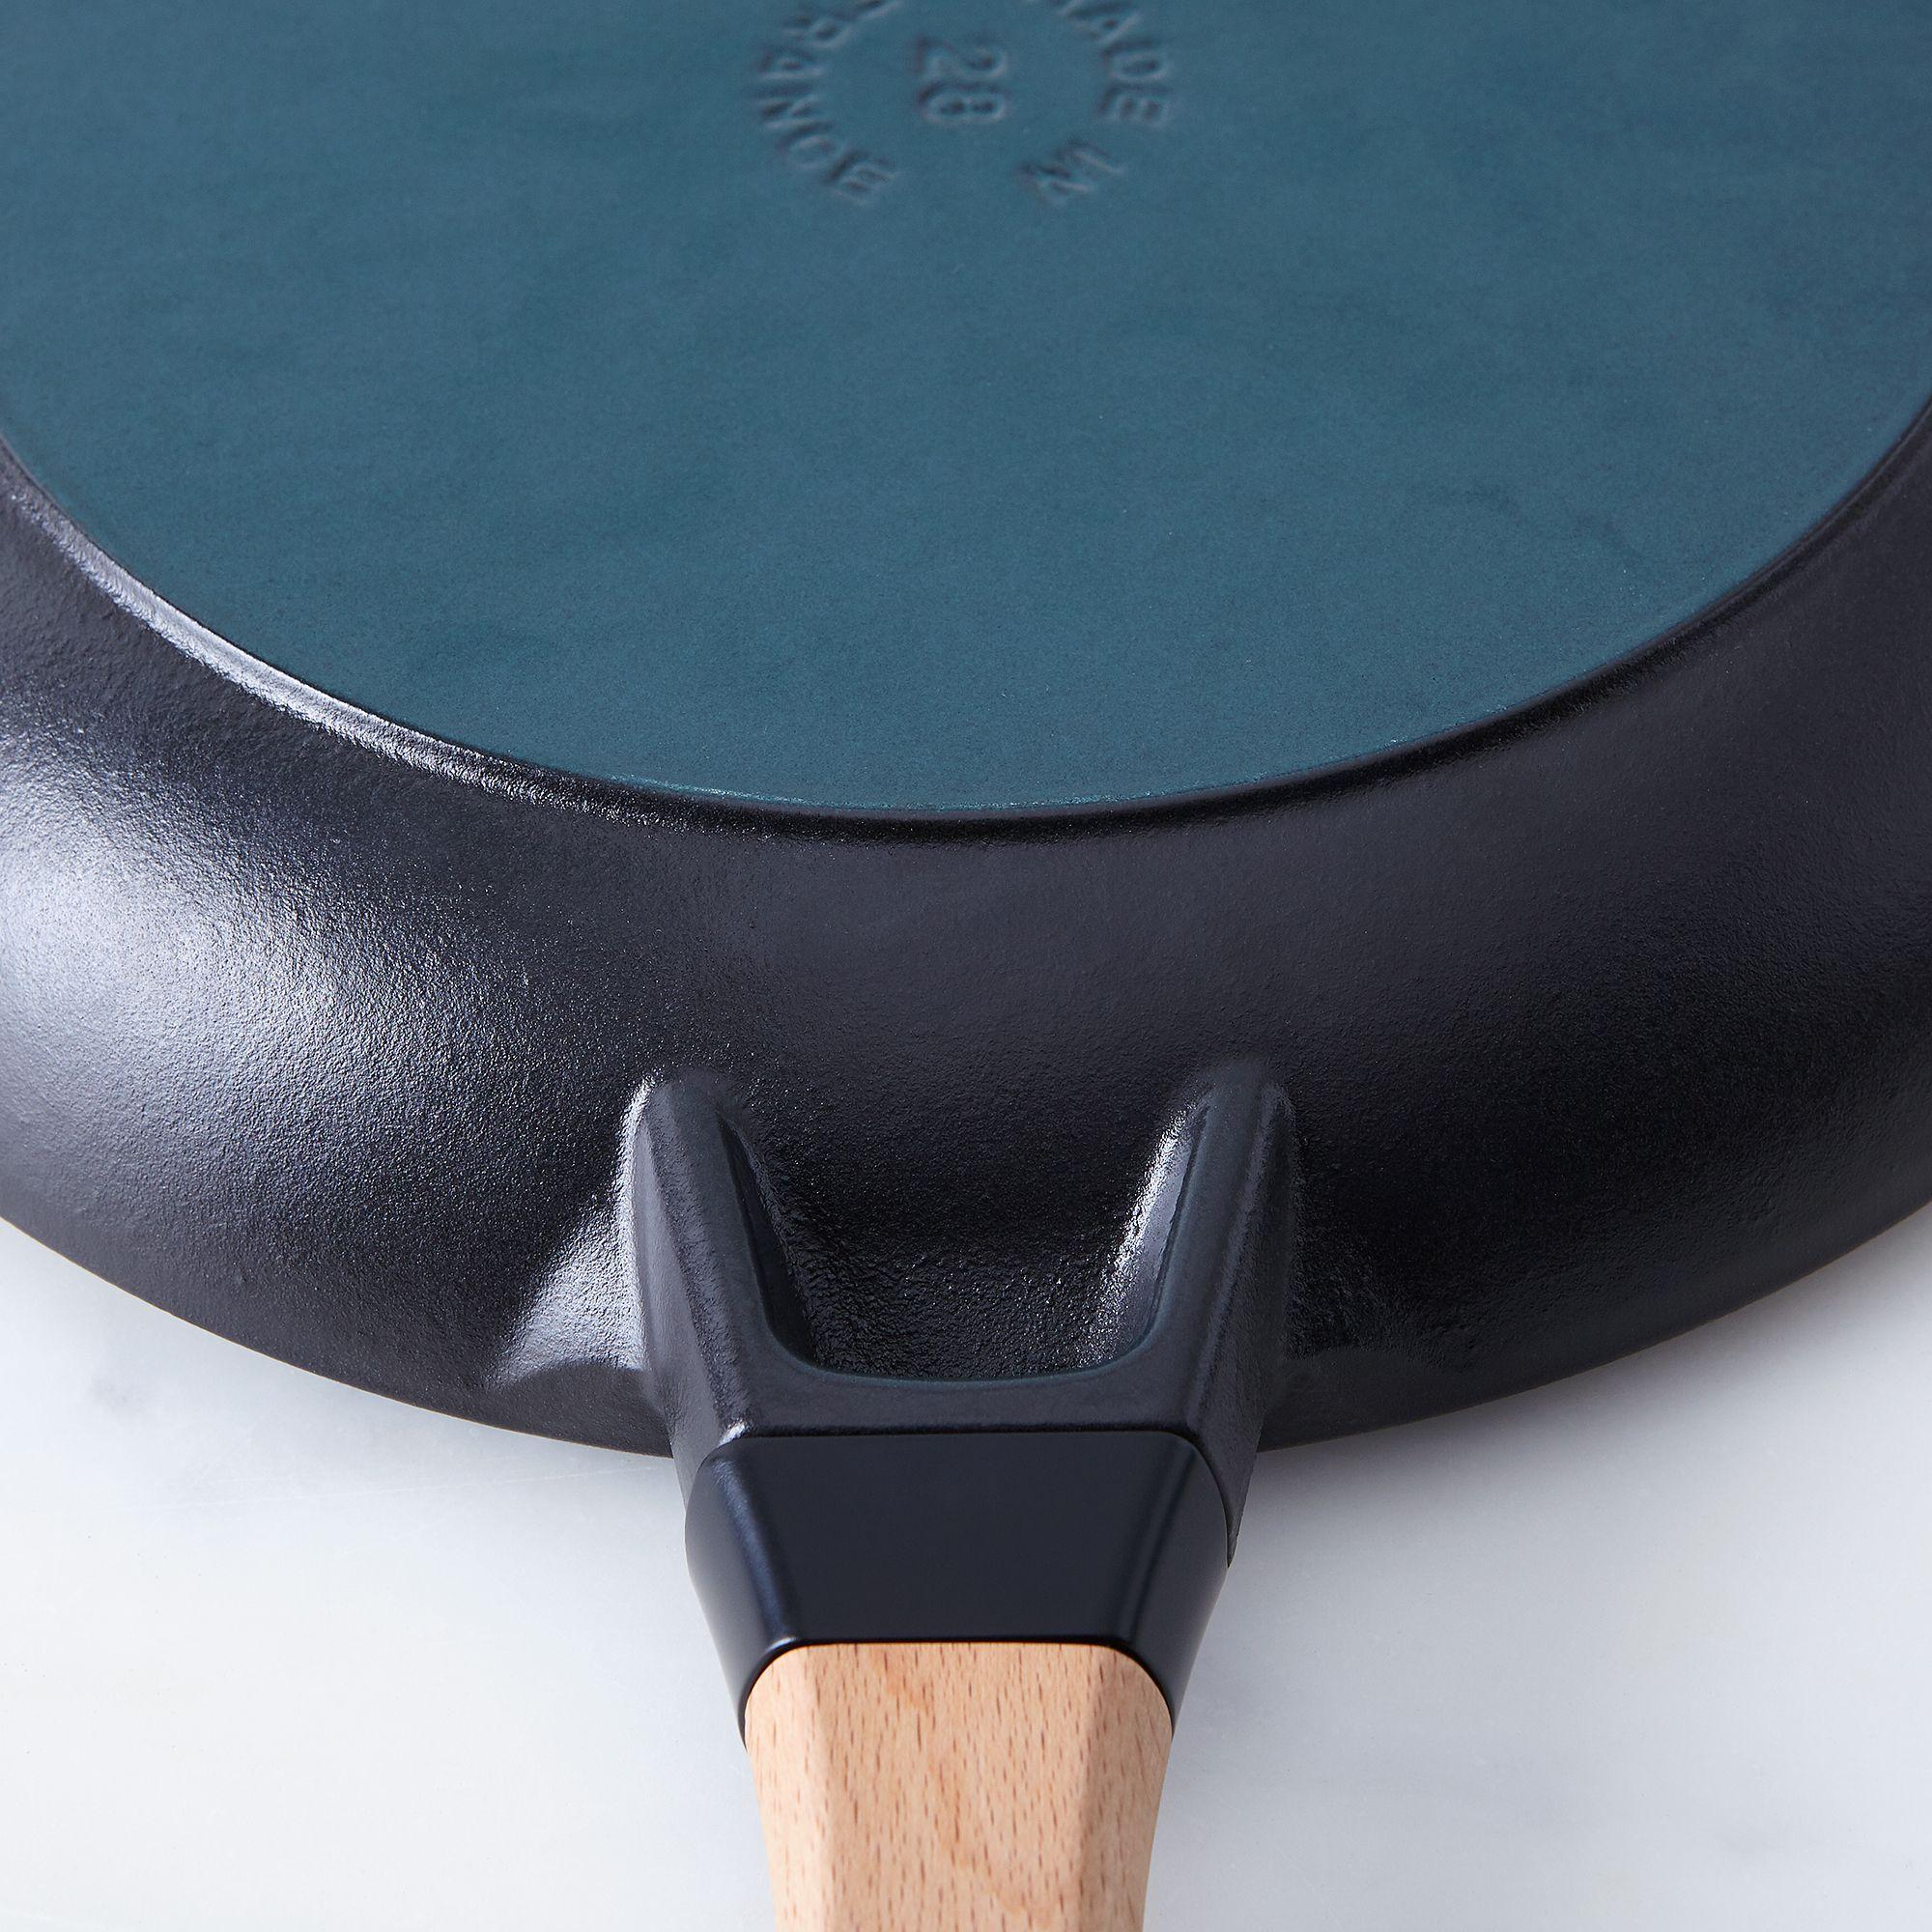 A test for a super cute pan -